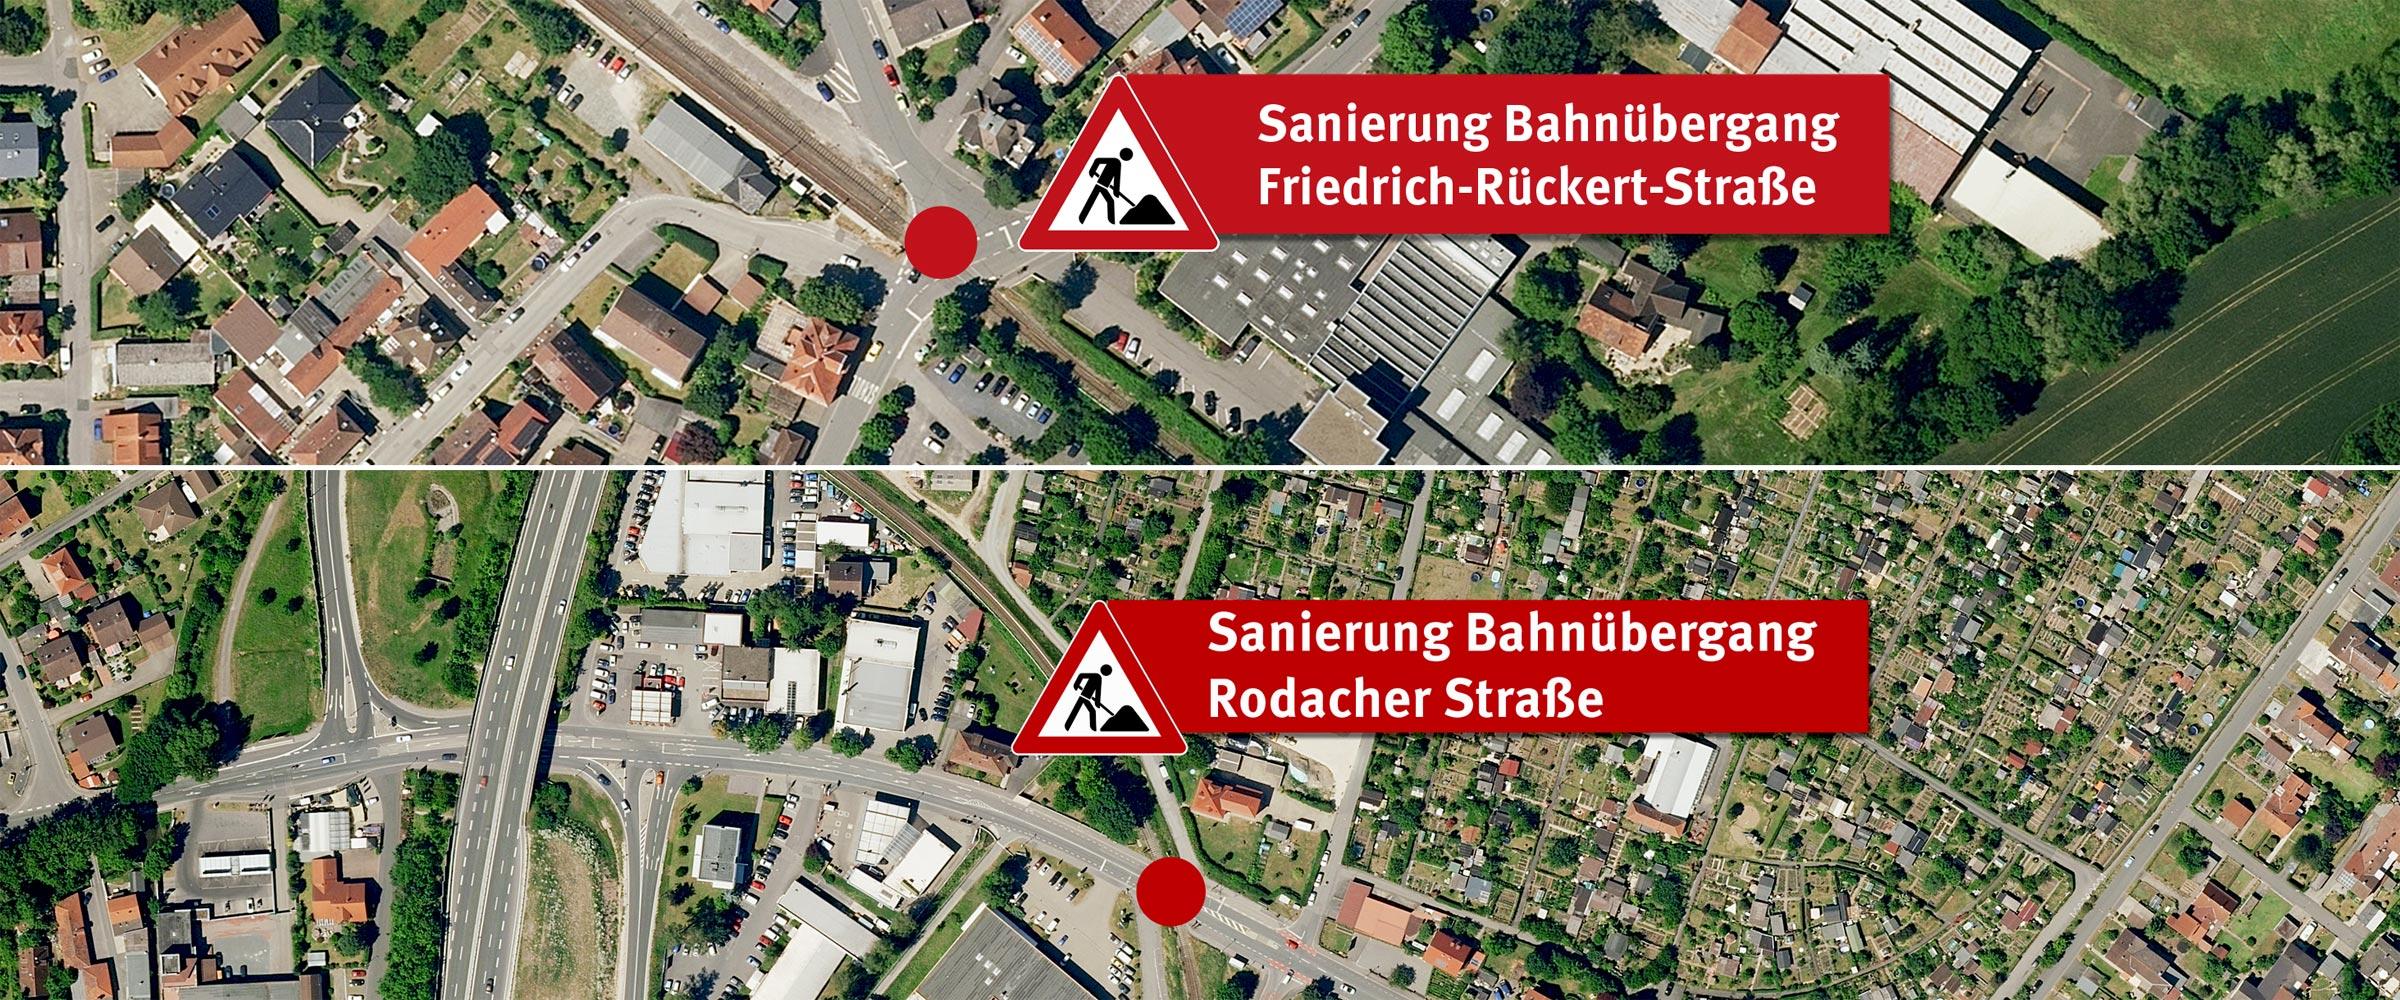 banner_bahnuebergaenge